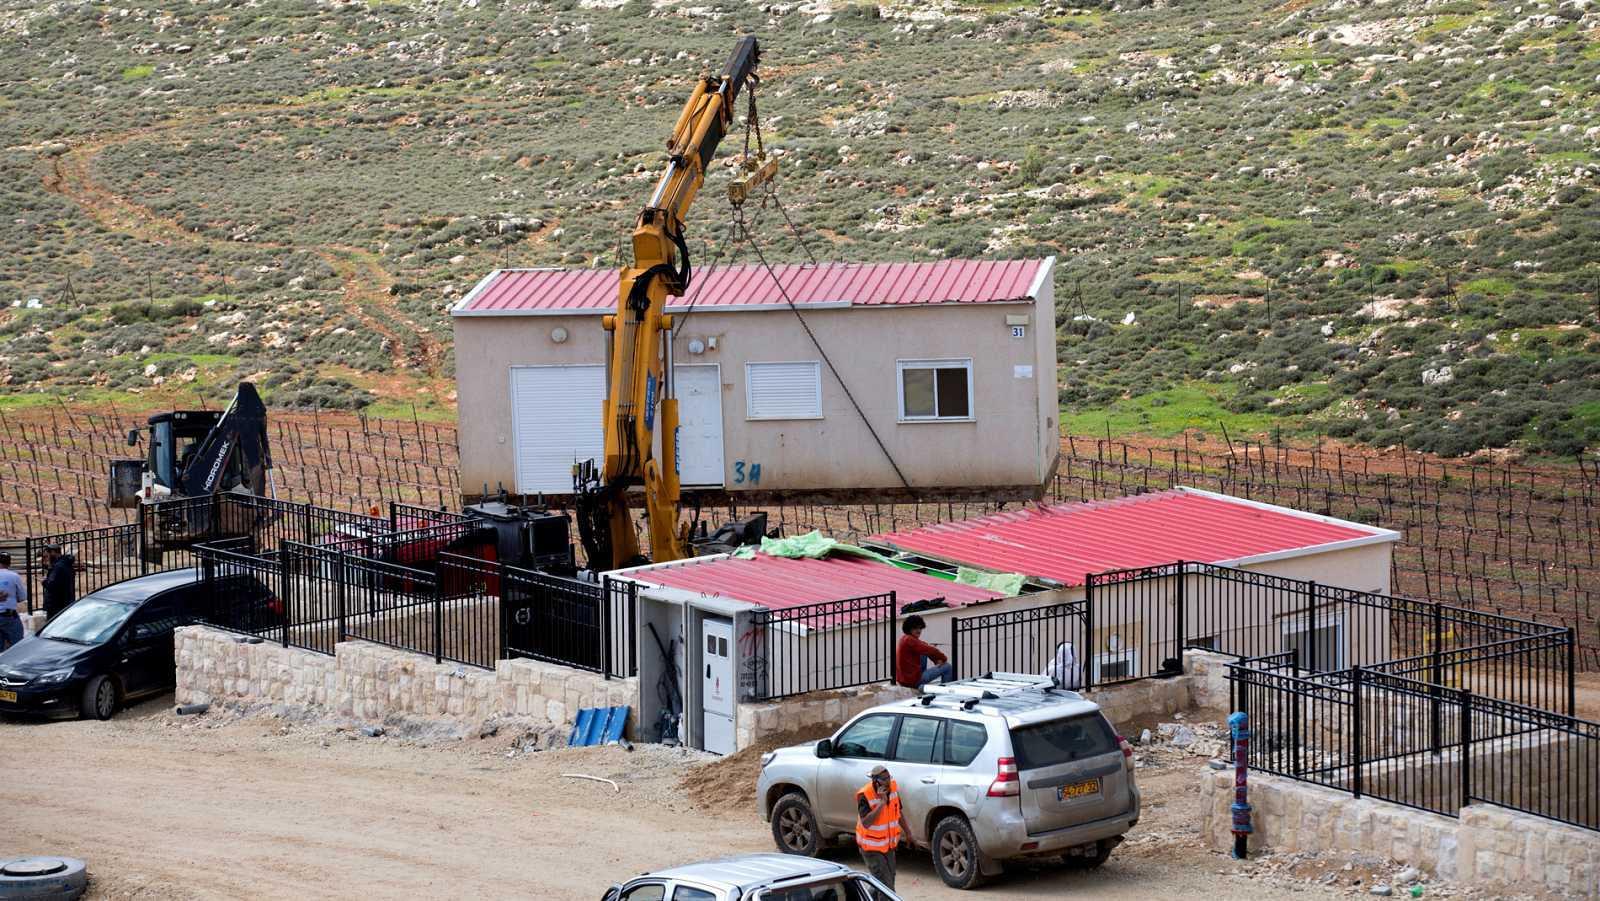 EE.UU. deja de considerar ilegales los asentamientos israelíes en Cisjordania tras cuatro décadas